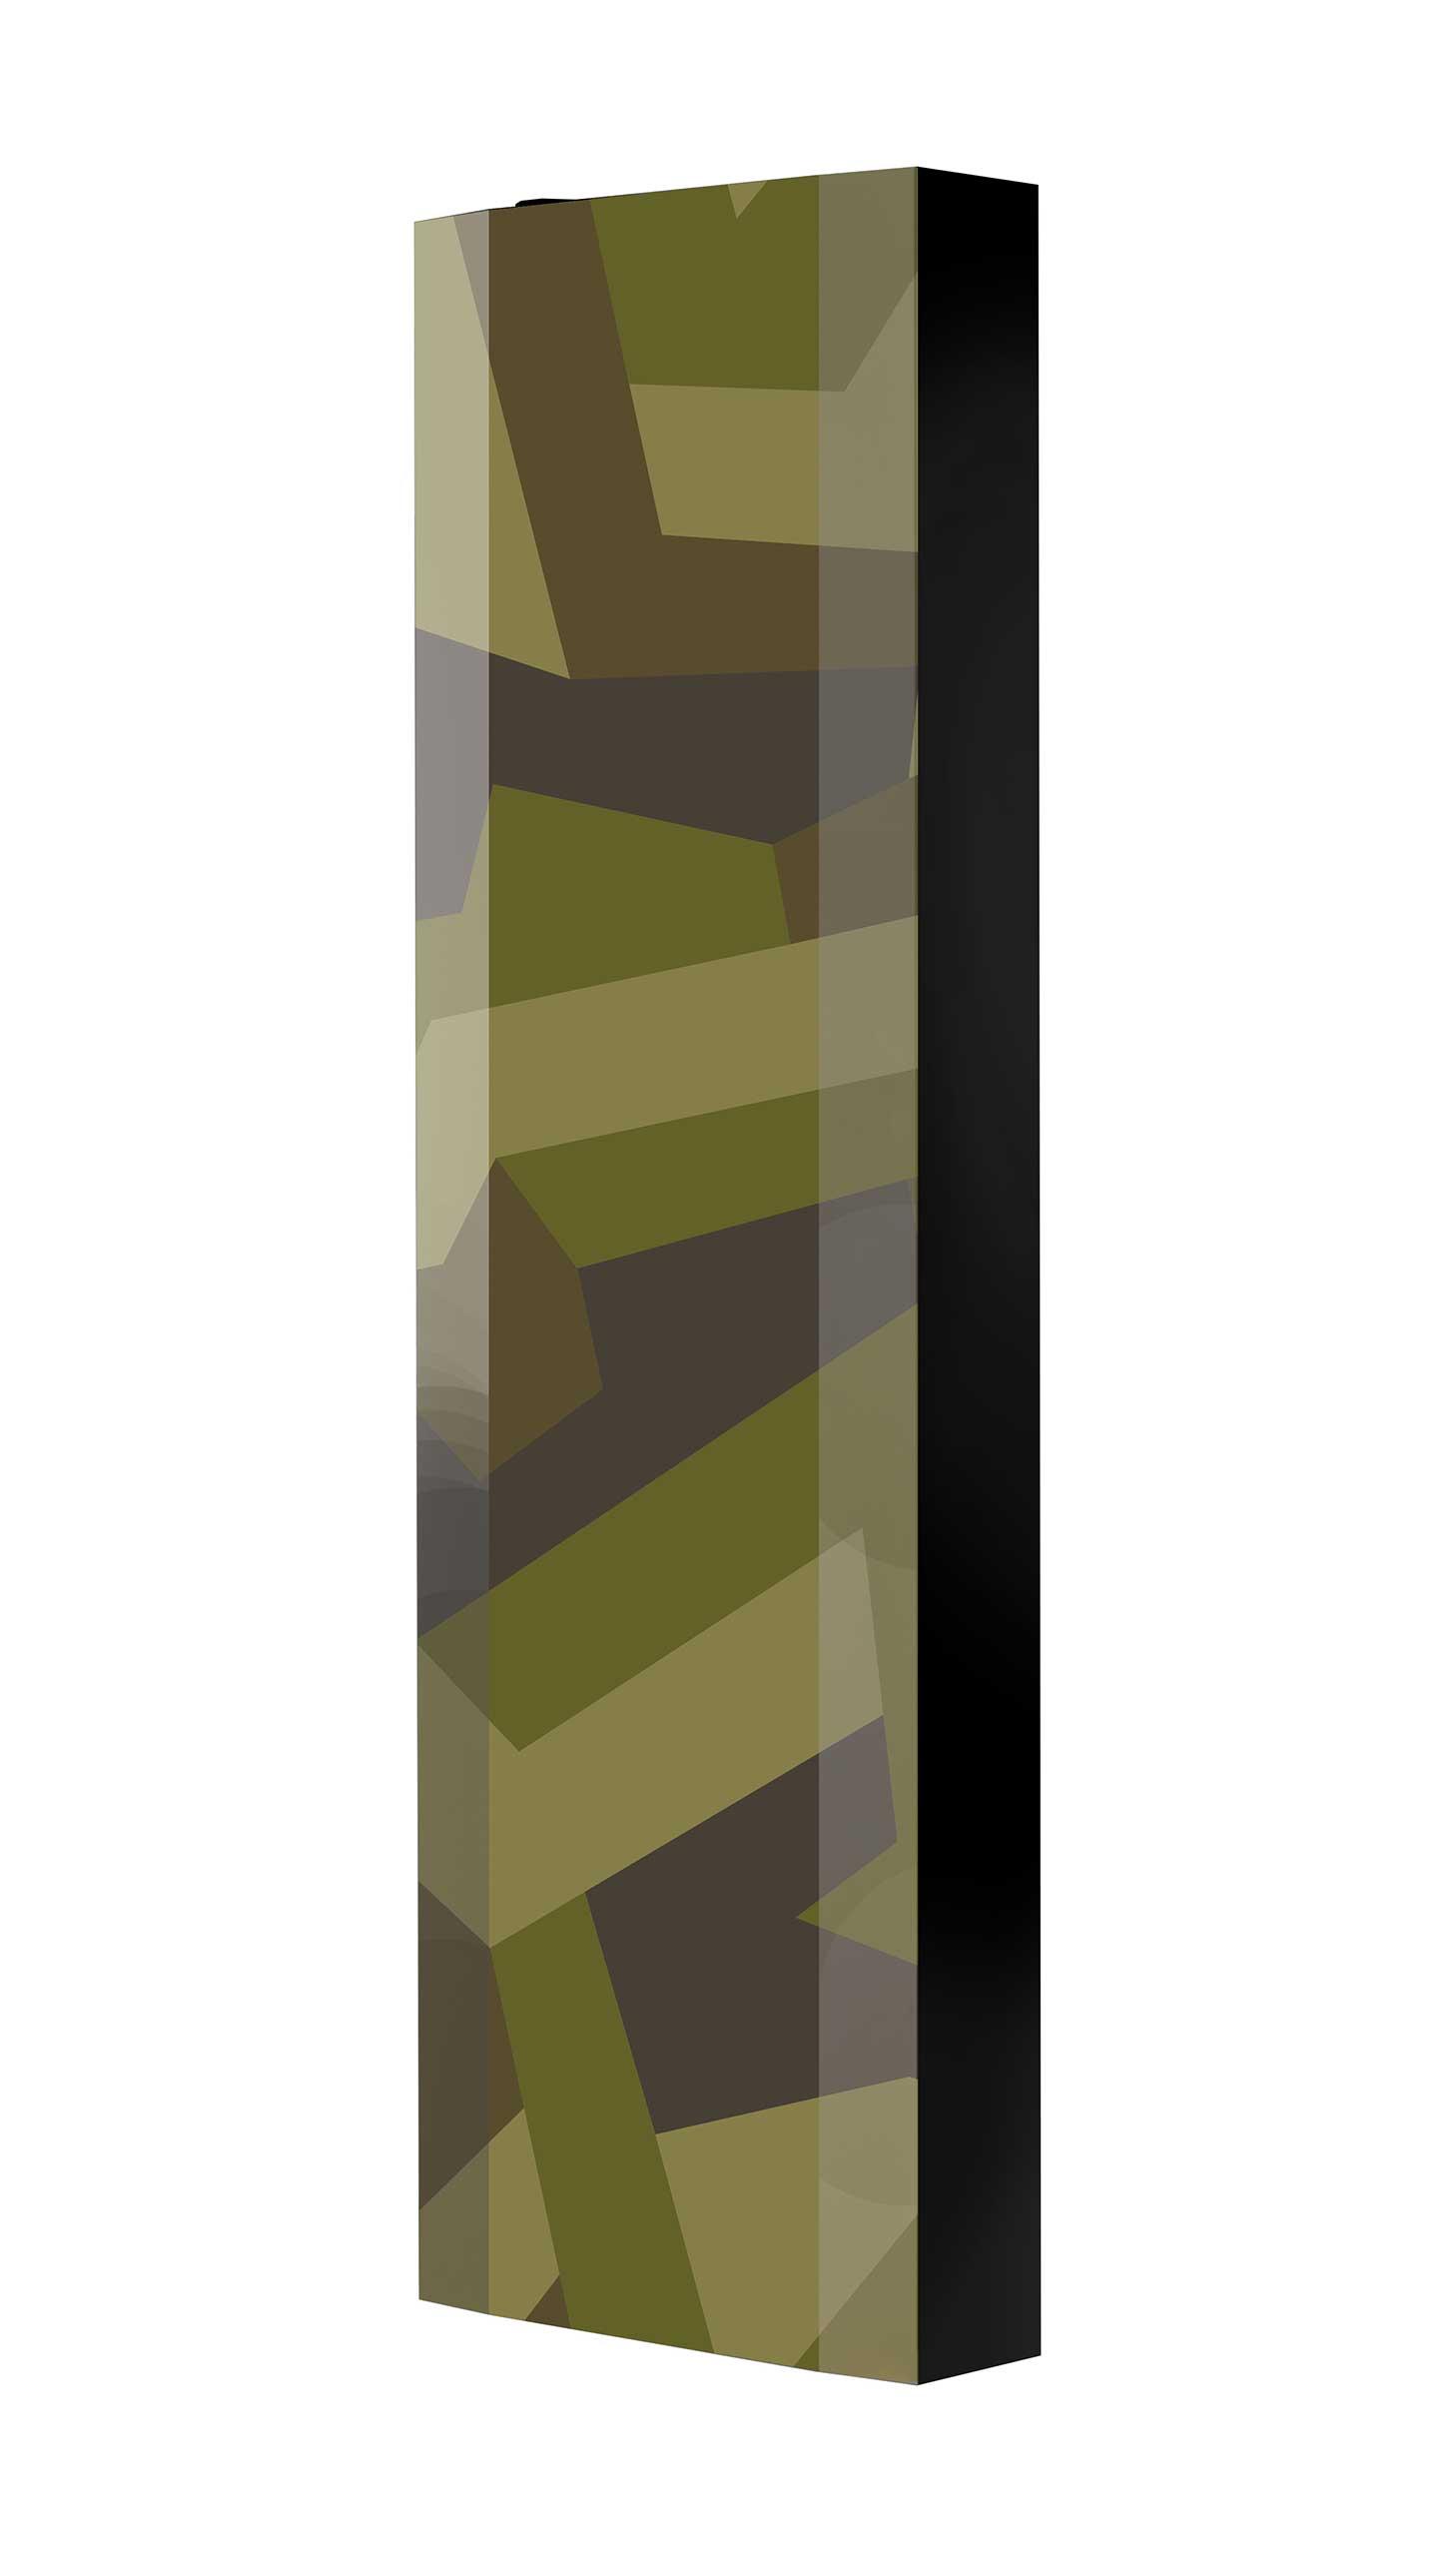 Schuhschrank FLASH 450 BLACK-EDITION Motivschrank schwarz drehbar M124 Camouflage